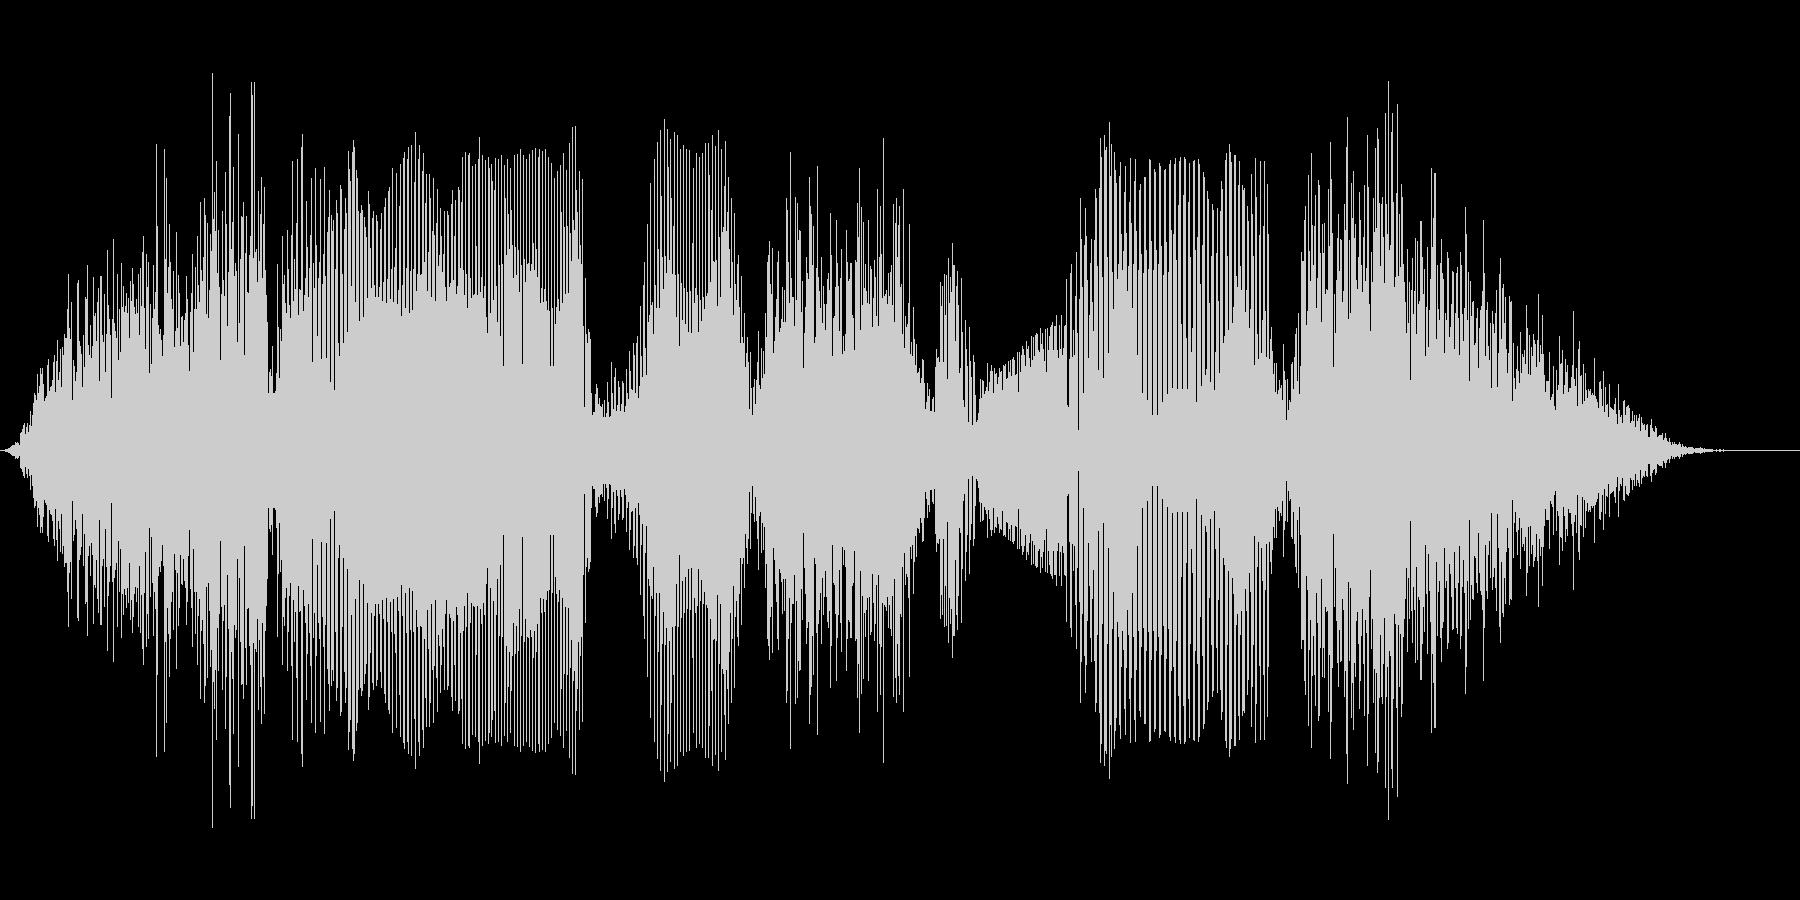 セーブしますの未再生の波形